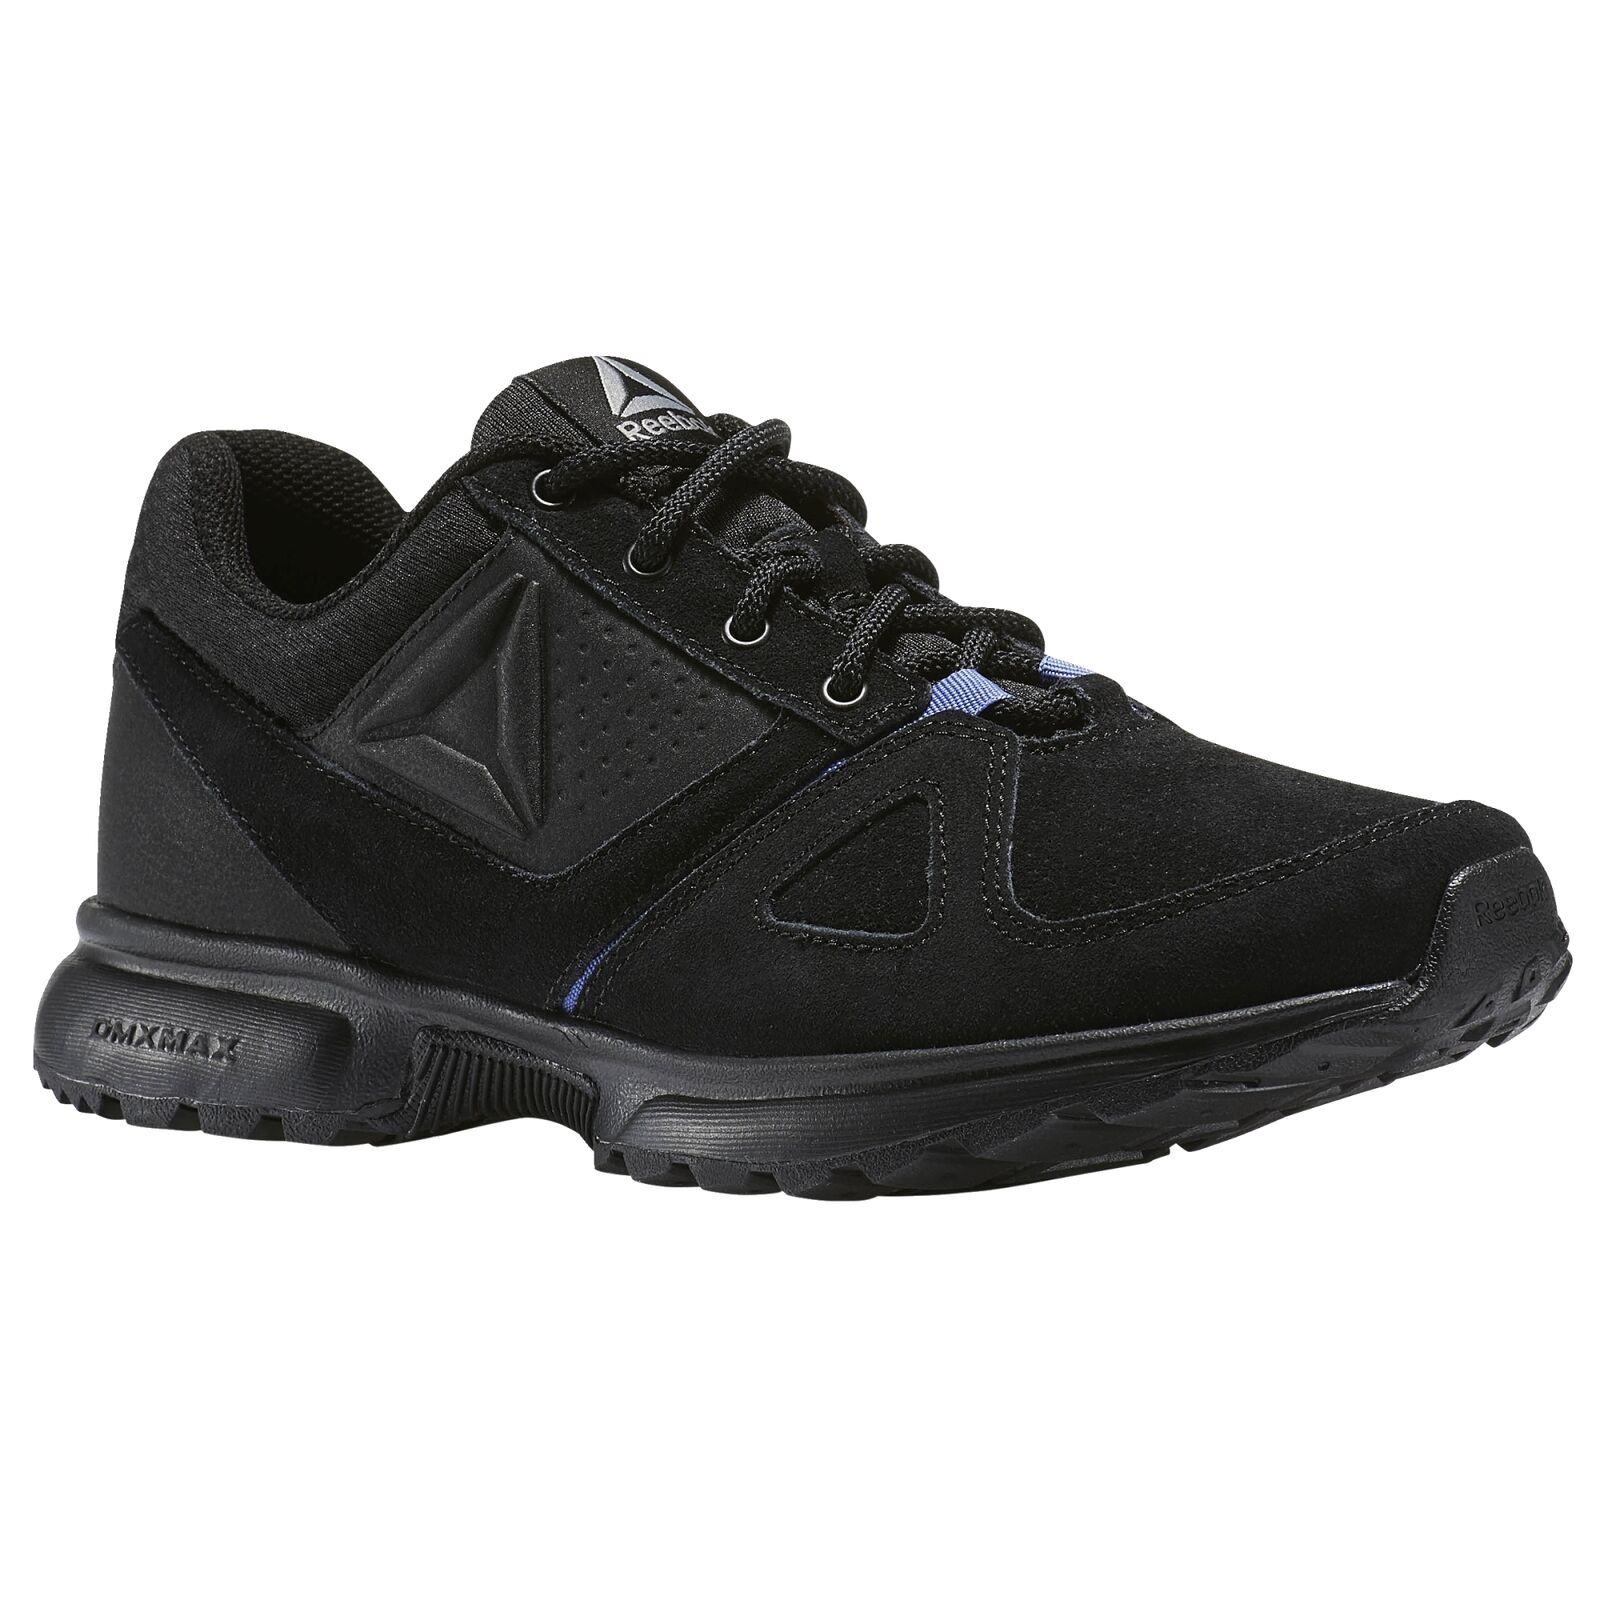 SPORTSCHUHE LAUFSCHUHE NORDIC Walking Schuhe von Walkx sport